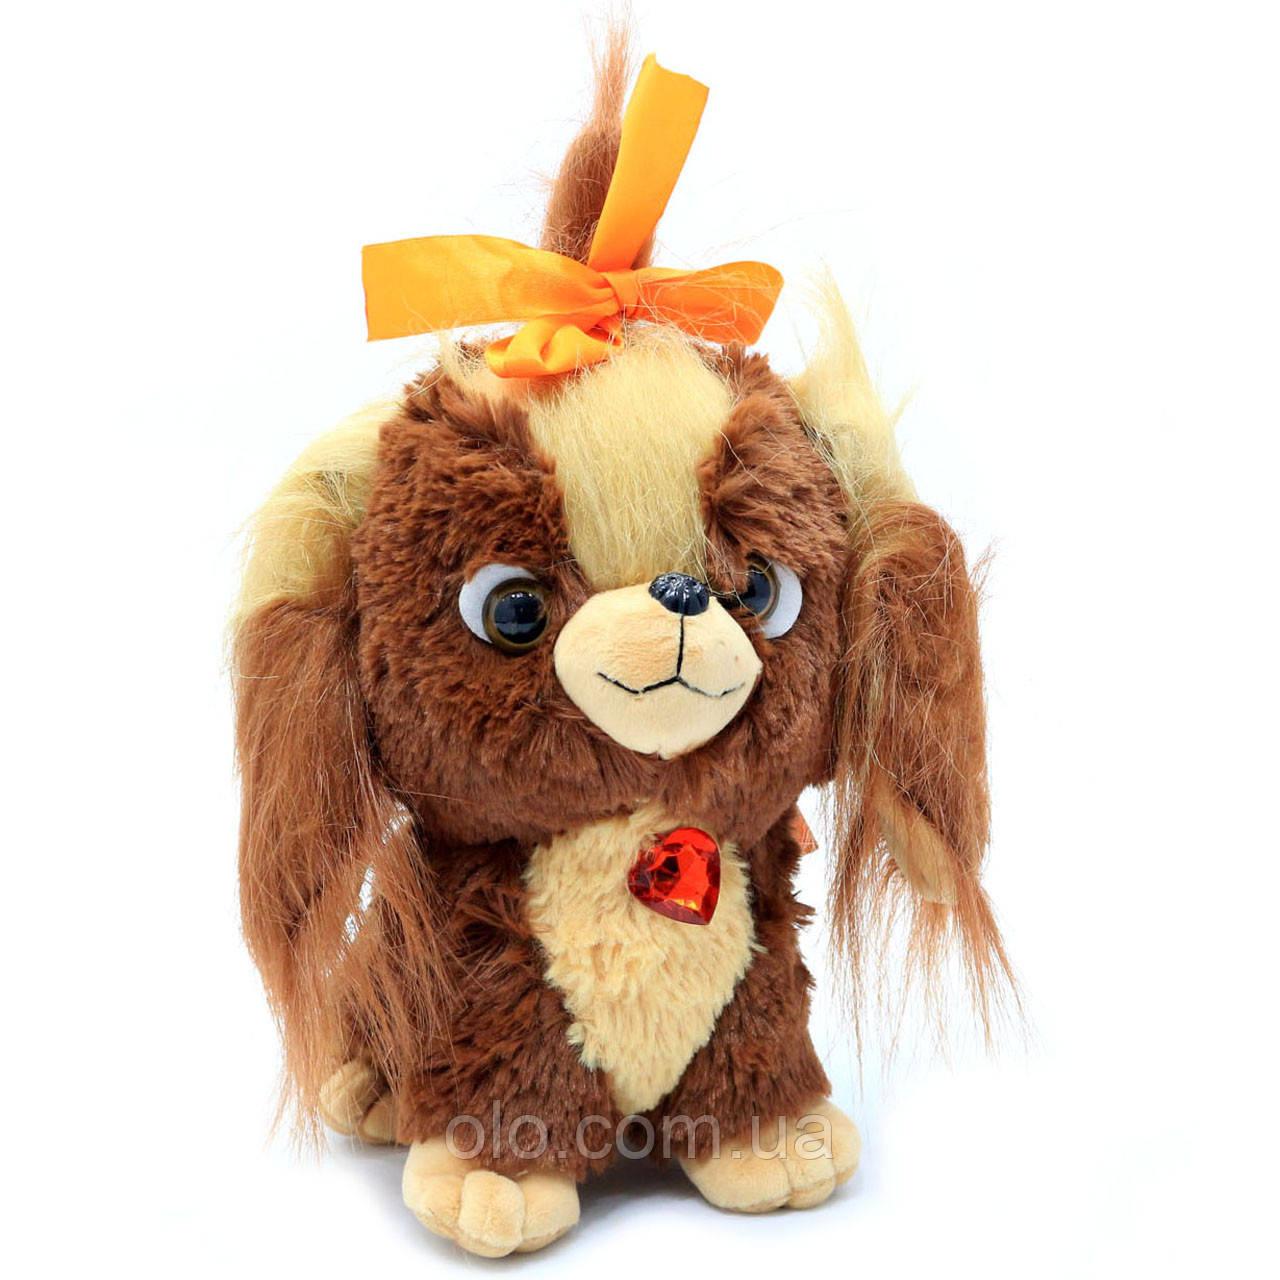 М'яка іграшка Копиця «Щеня Мупсі», хутро штучний (00135-72)